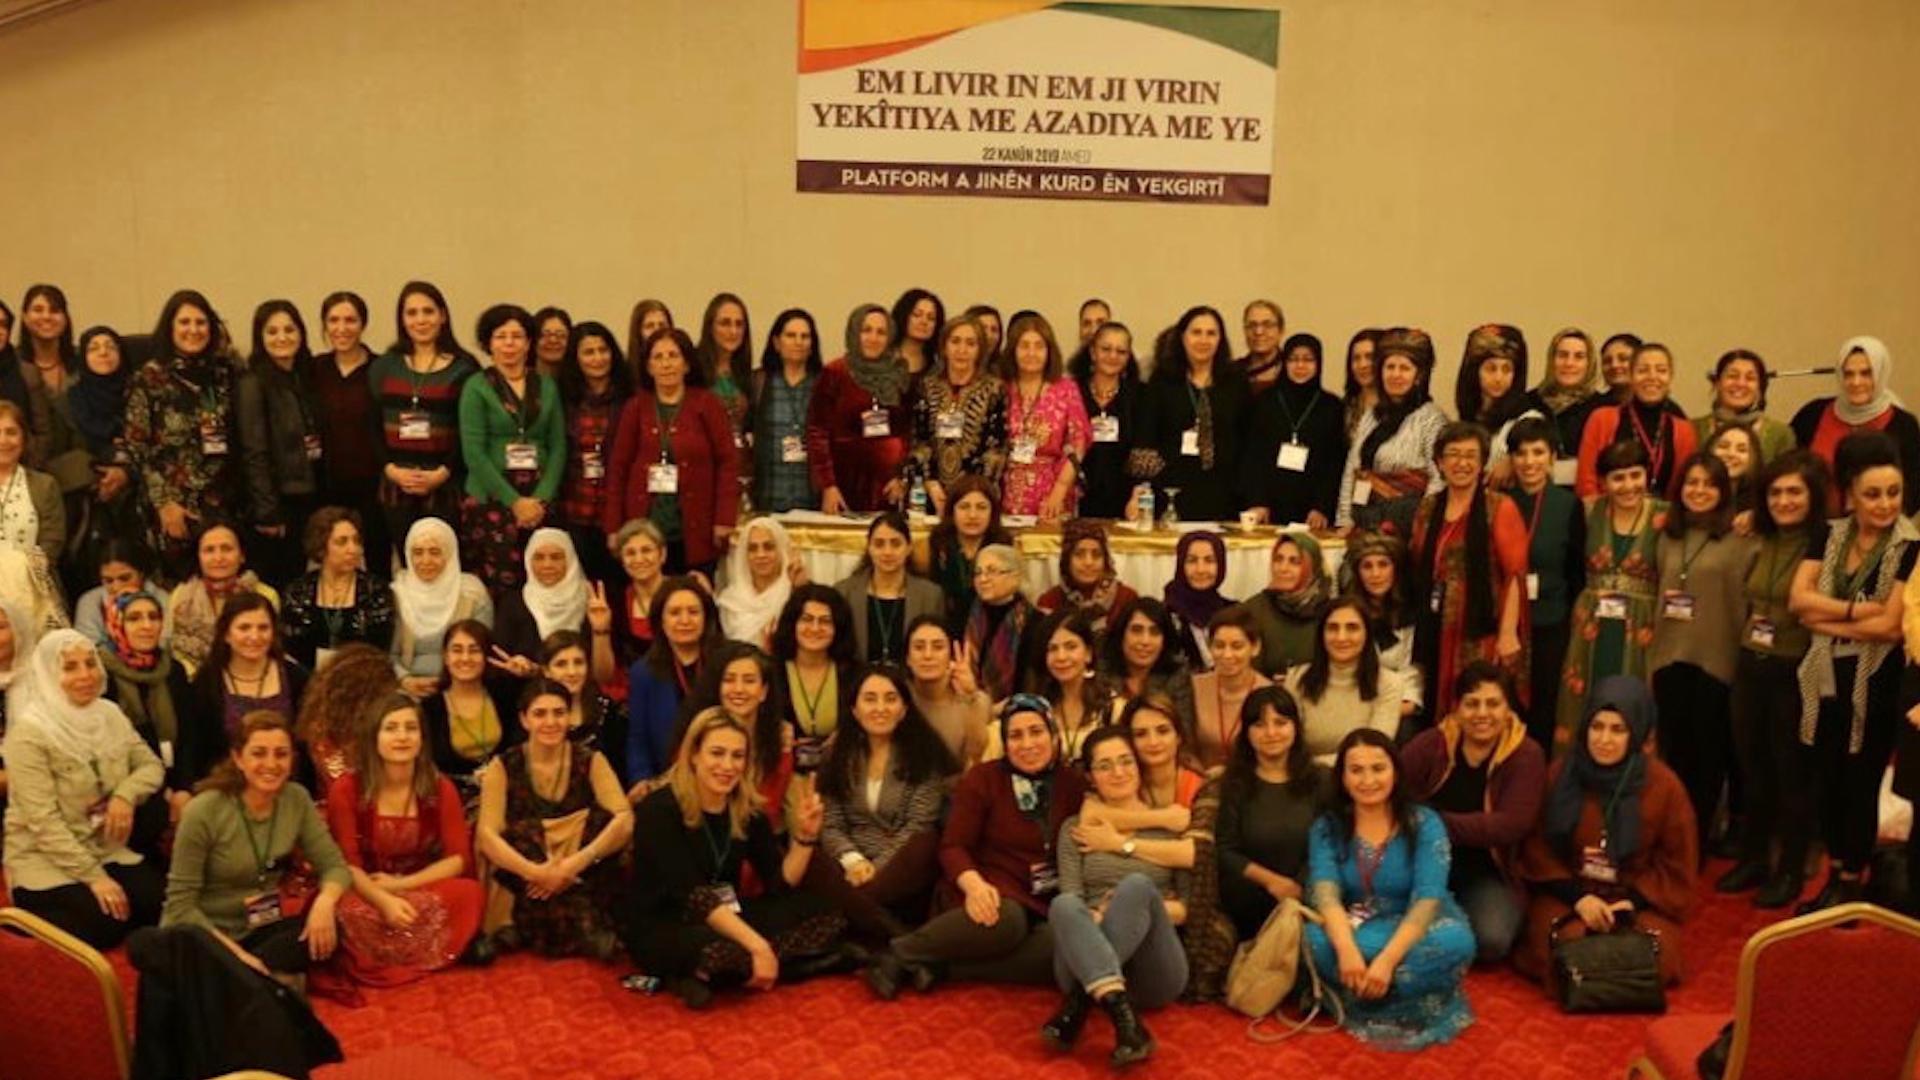 Photo of Platforma Yekîtiya Jinên Kurd: Heta ku em nebin yek wê qirkirin û dagirkerî dewam bike